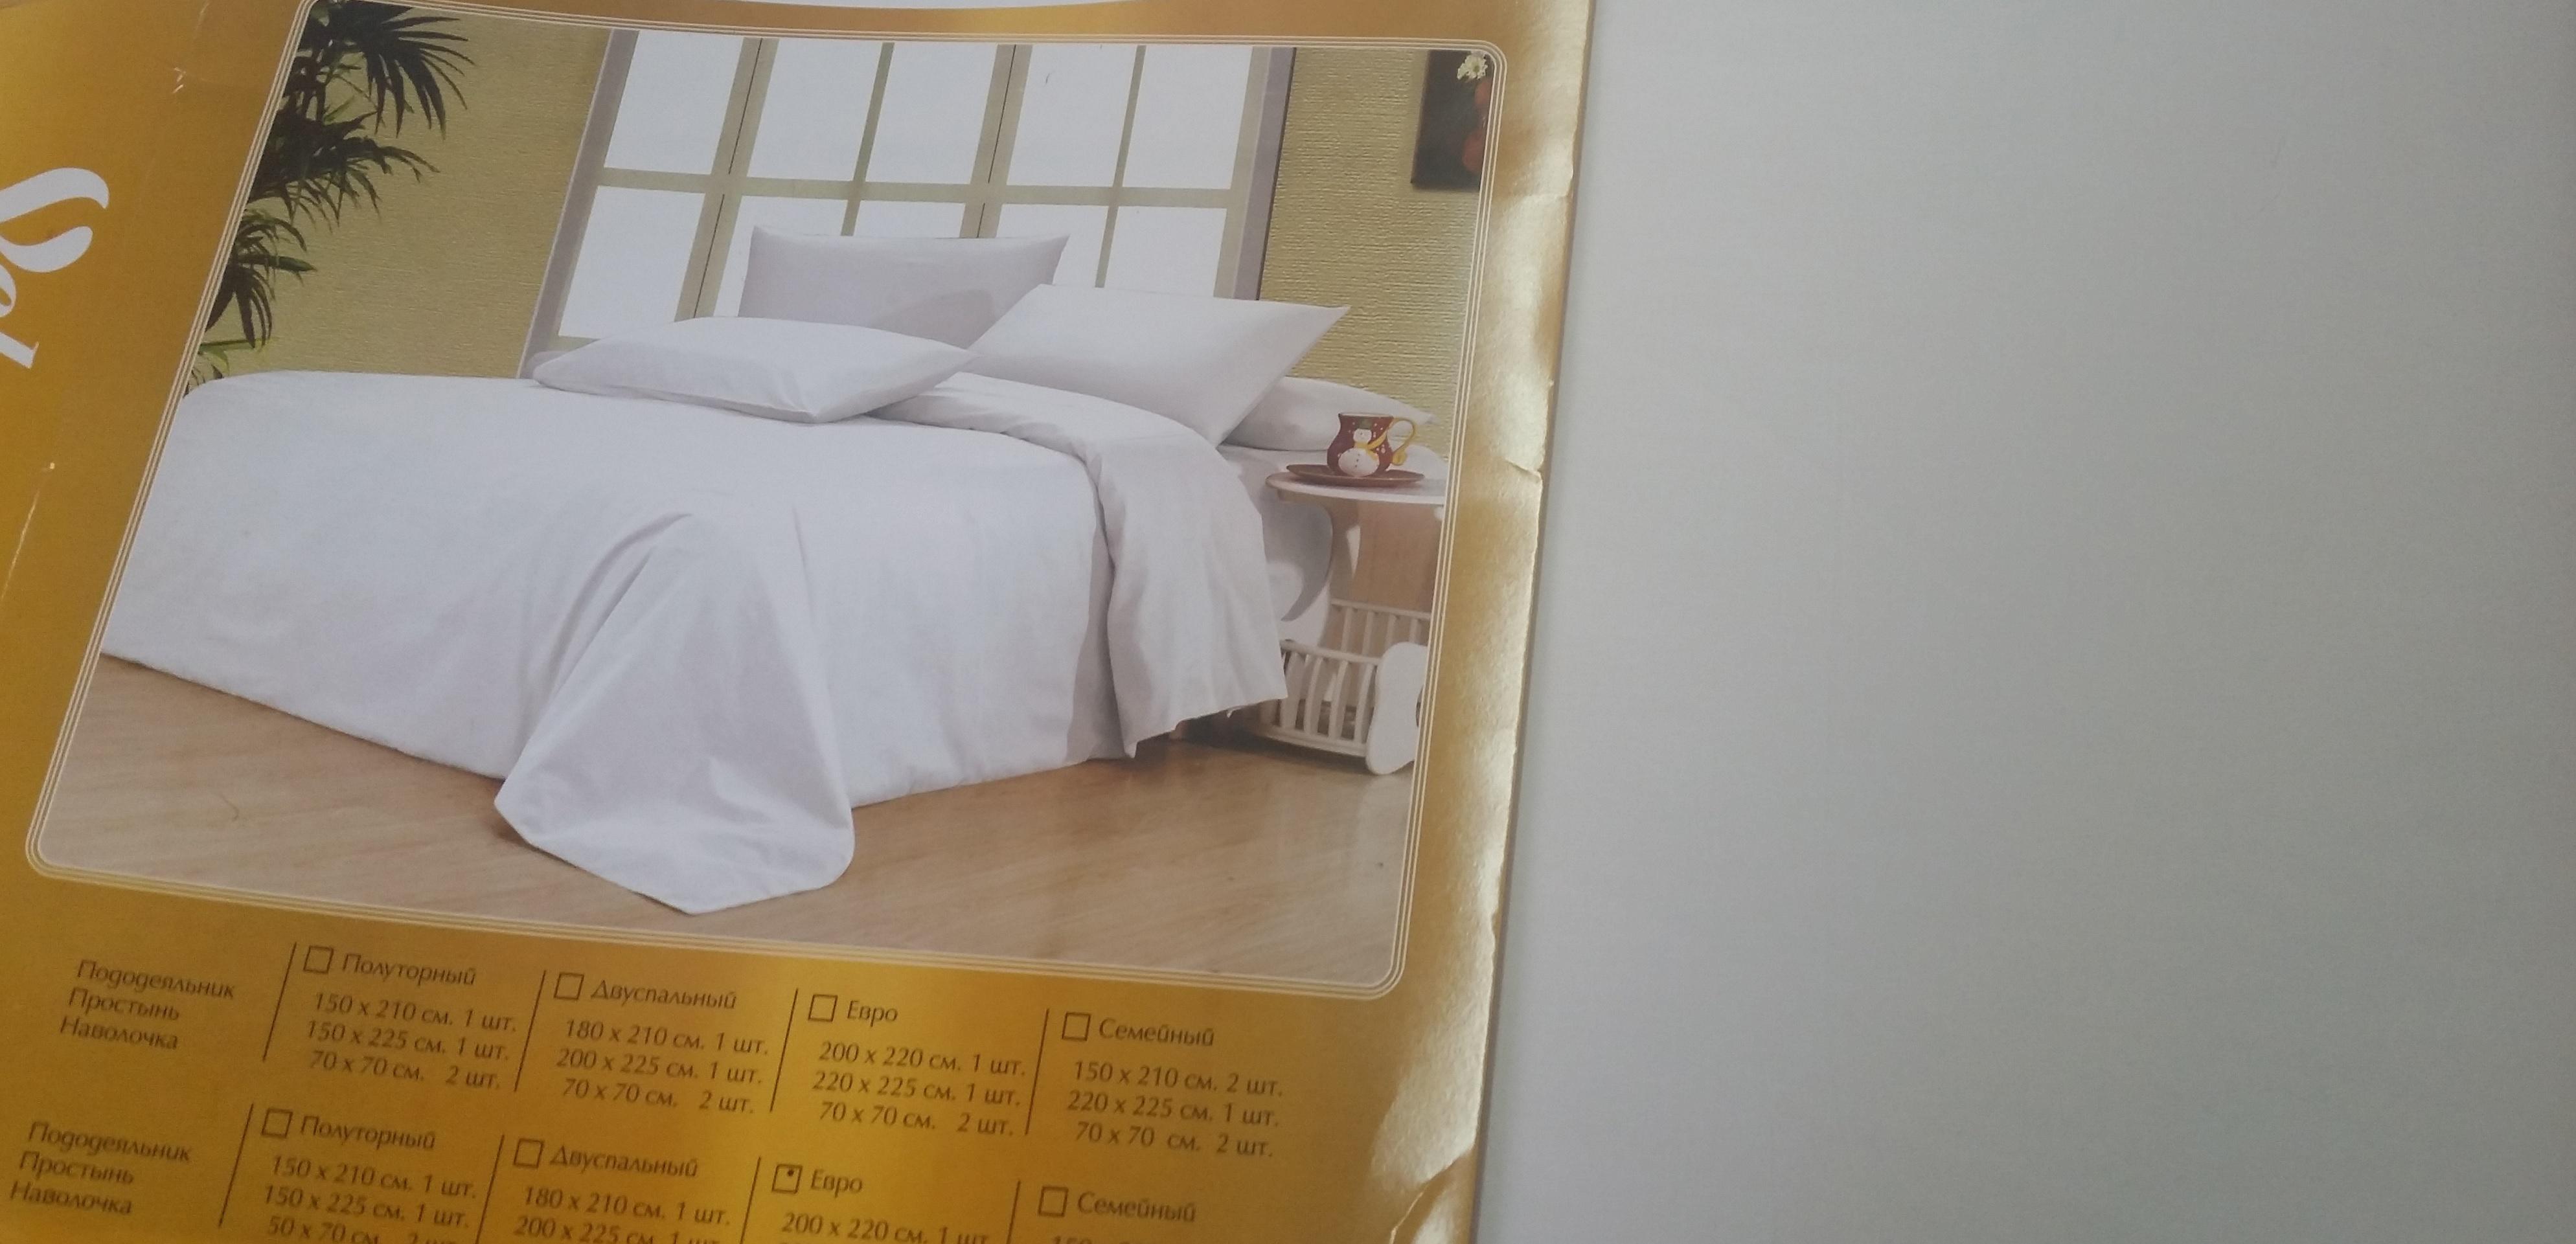 Постельное белье Velvet Постельное белье Blanca  (2 сп. евро) постельное белье адель шоколад евро